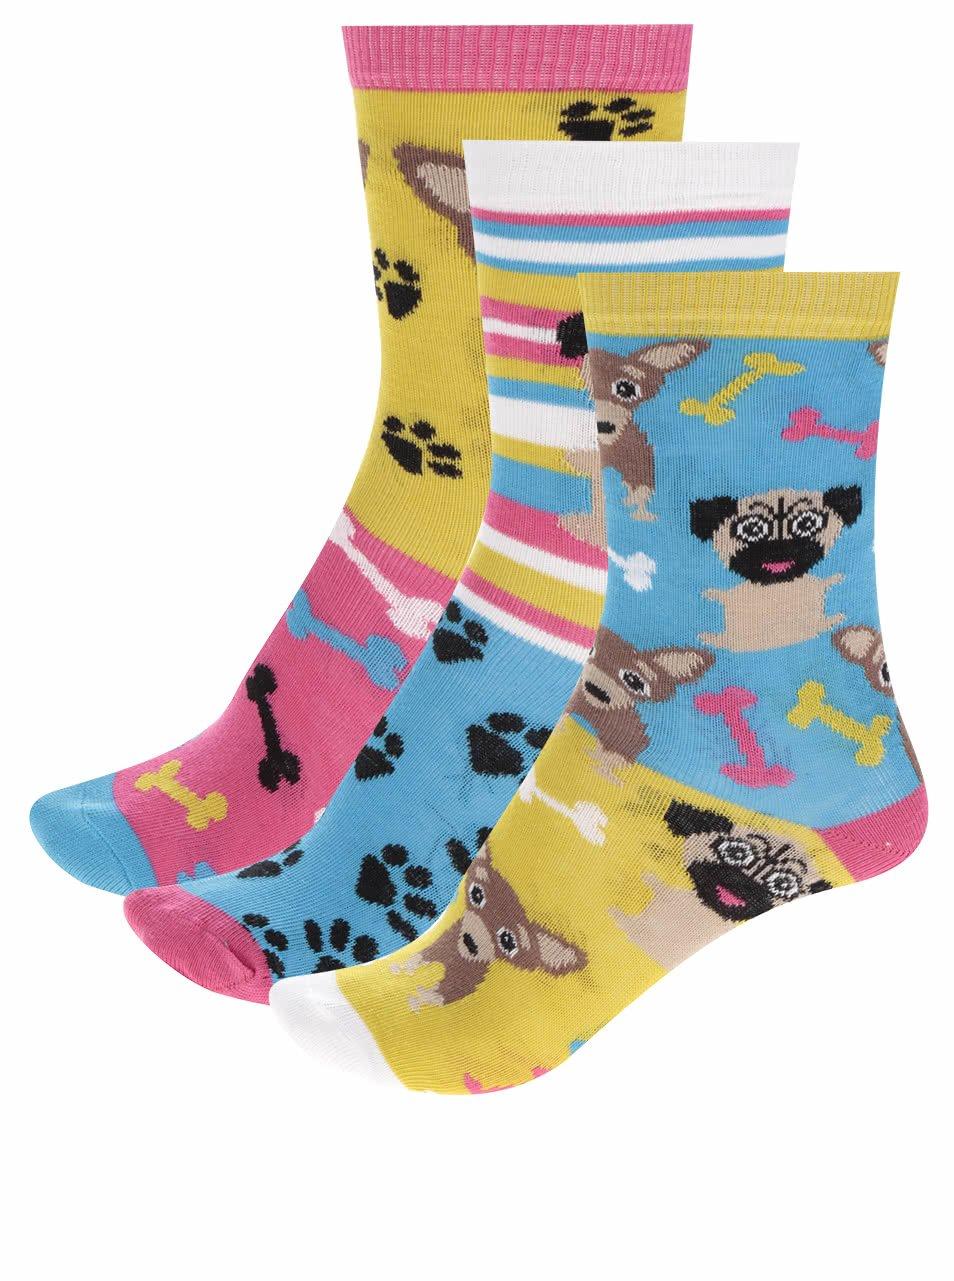 Sada tří holčičích ponožek s motivem psů Oddsocks Pugs